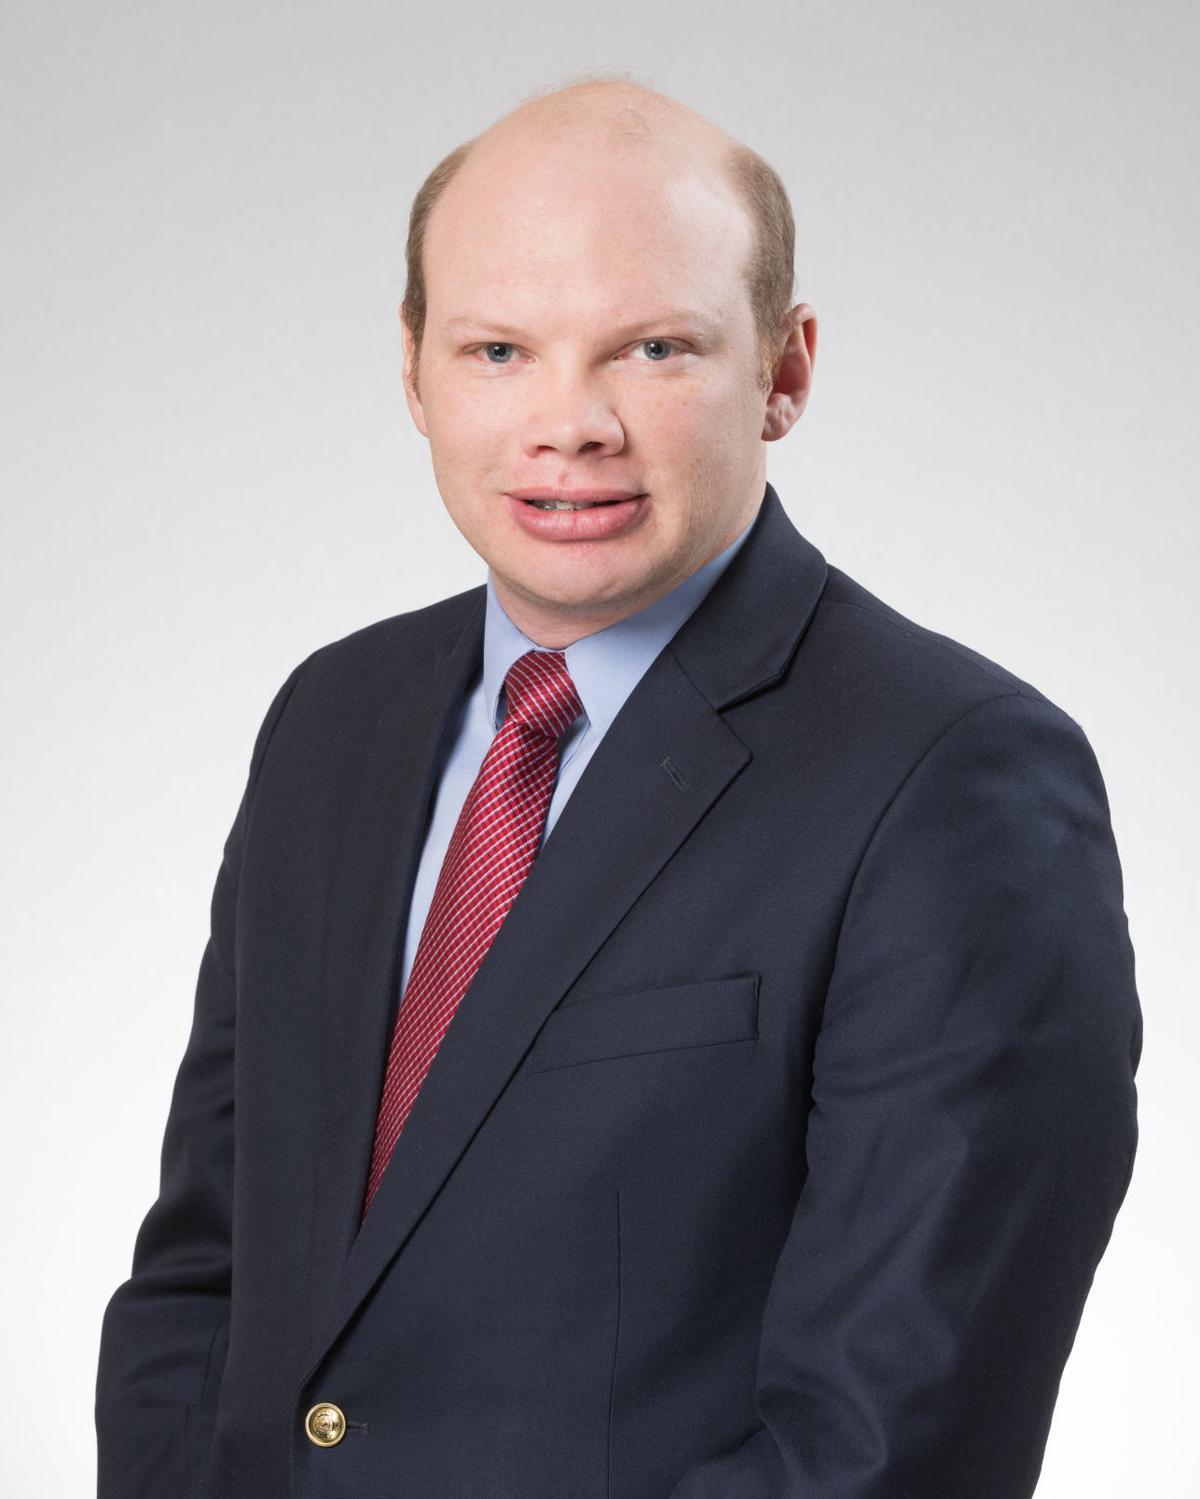 Rep. Joel Krautter (copy)